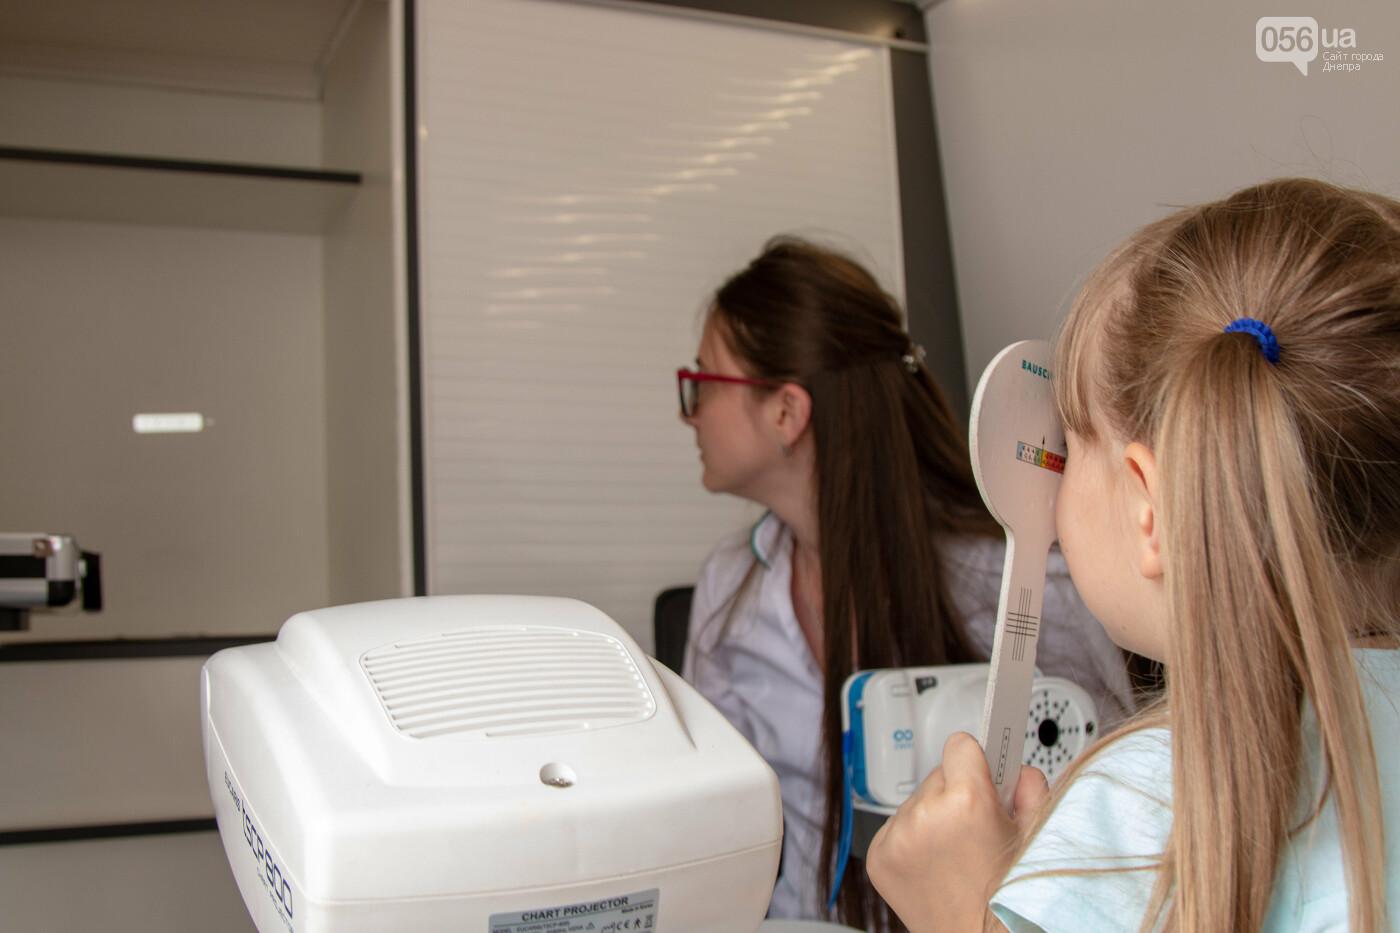 «Здоровий зір» на варті здоров'я кожної дитини. 16 тисяч школярів України пройдуть безкоштовне офтальмологічне обстеження., фото-2